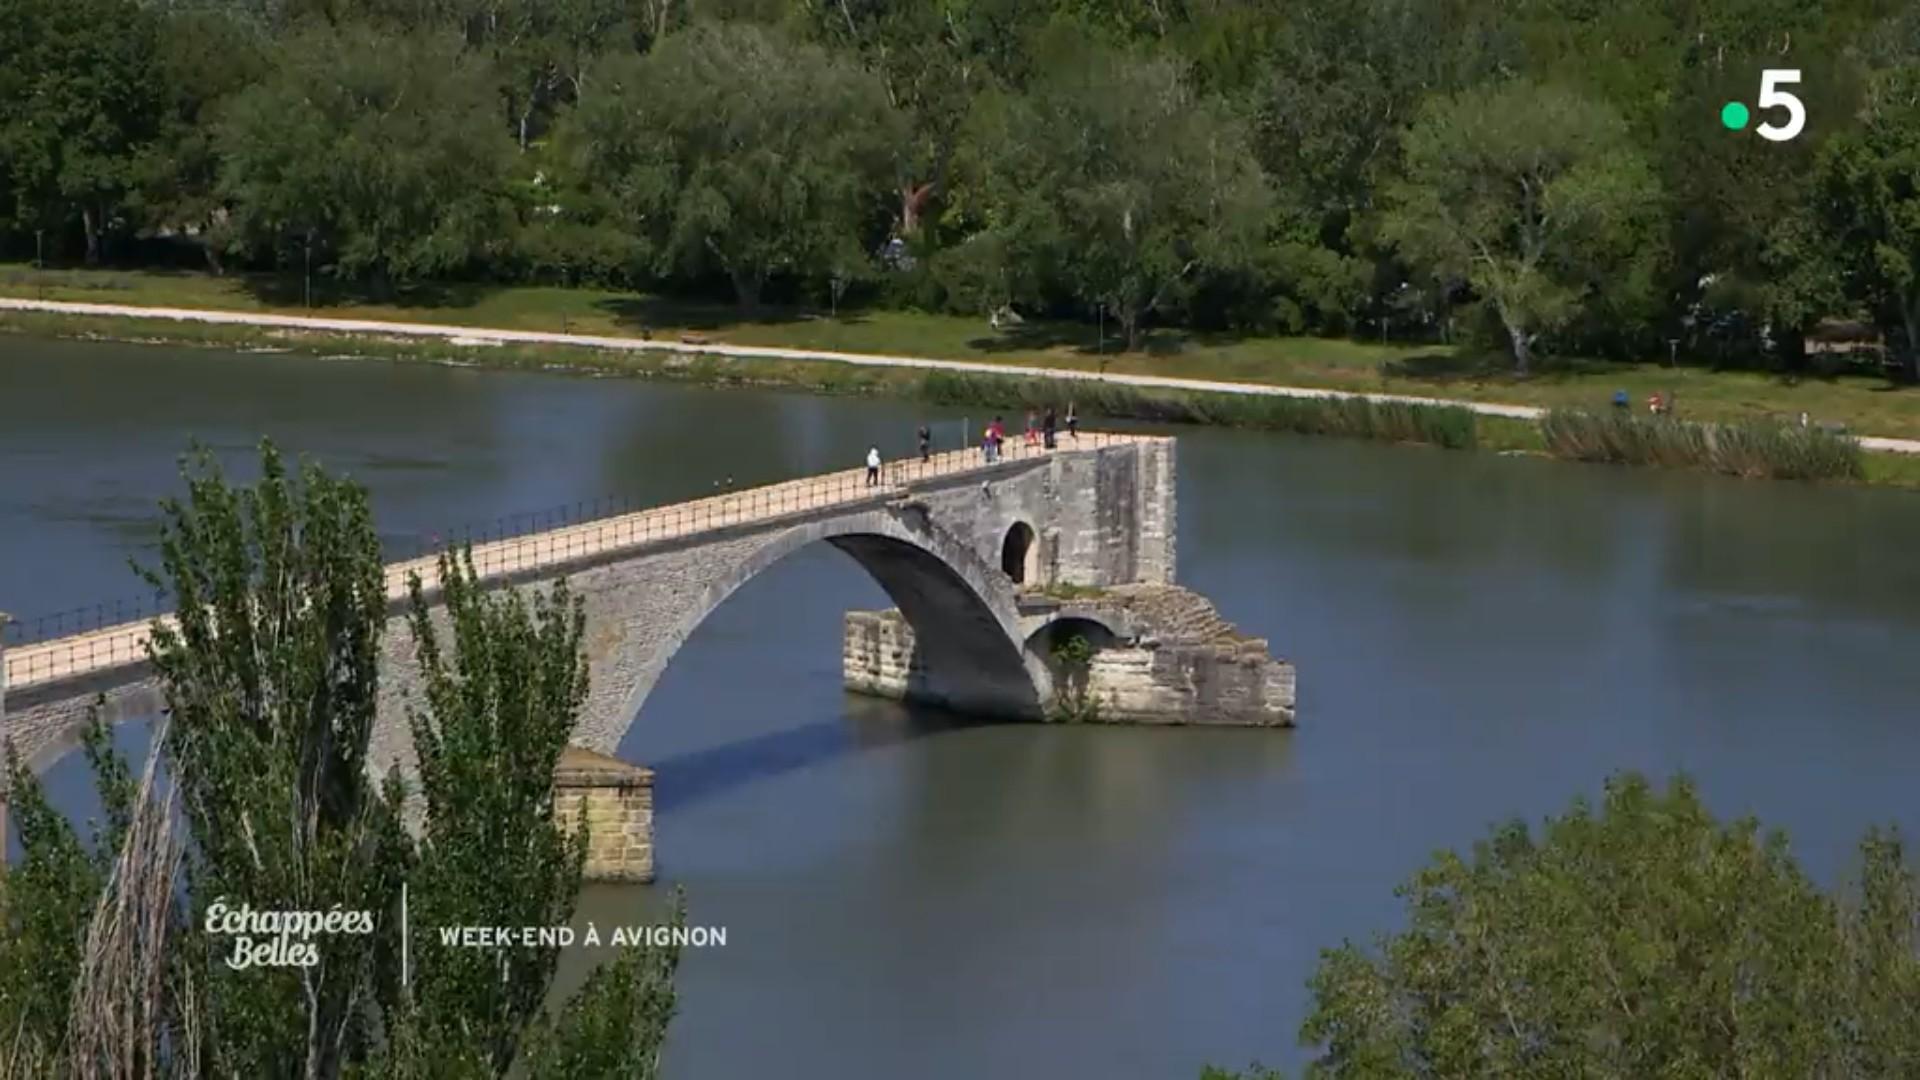 Avignon-5.jpg